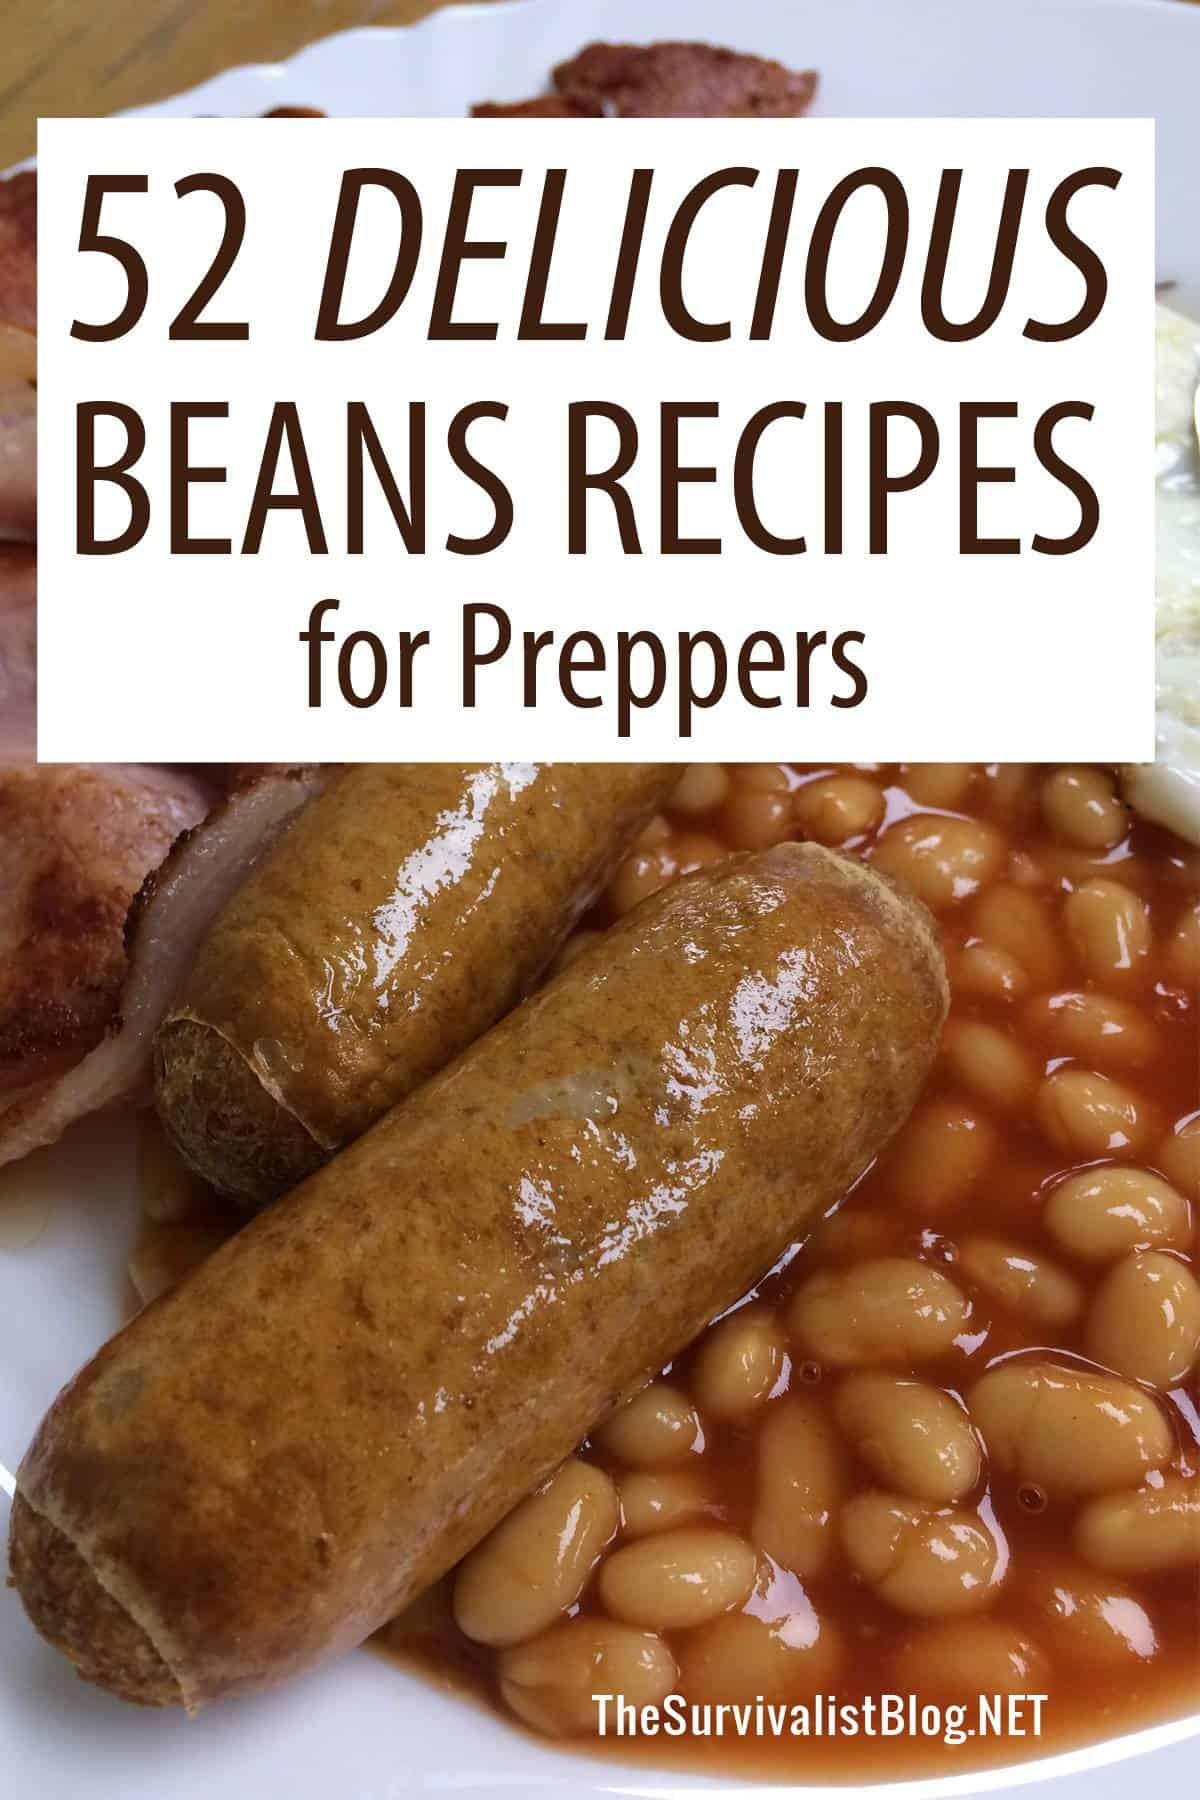 beans recipes Pinterest